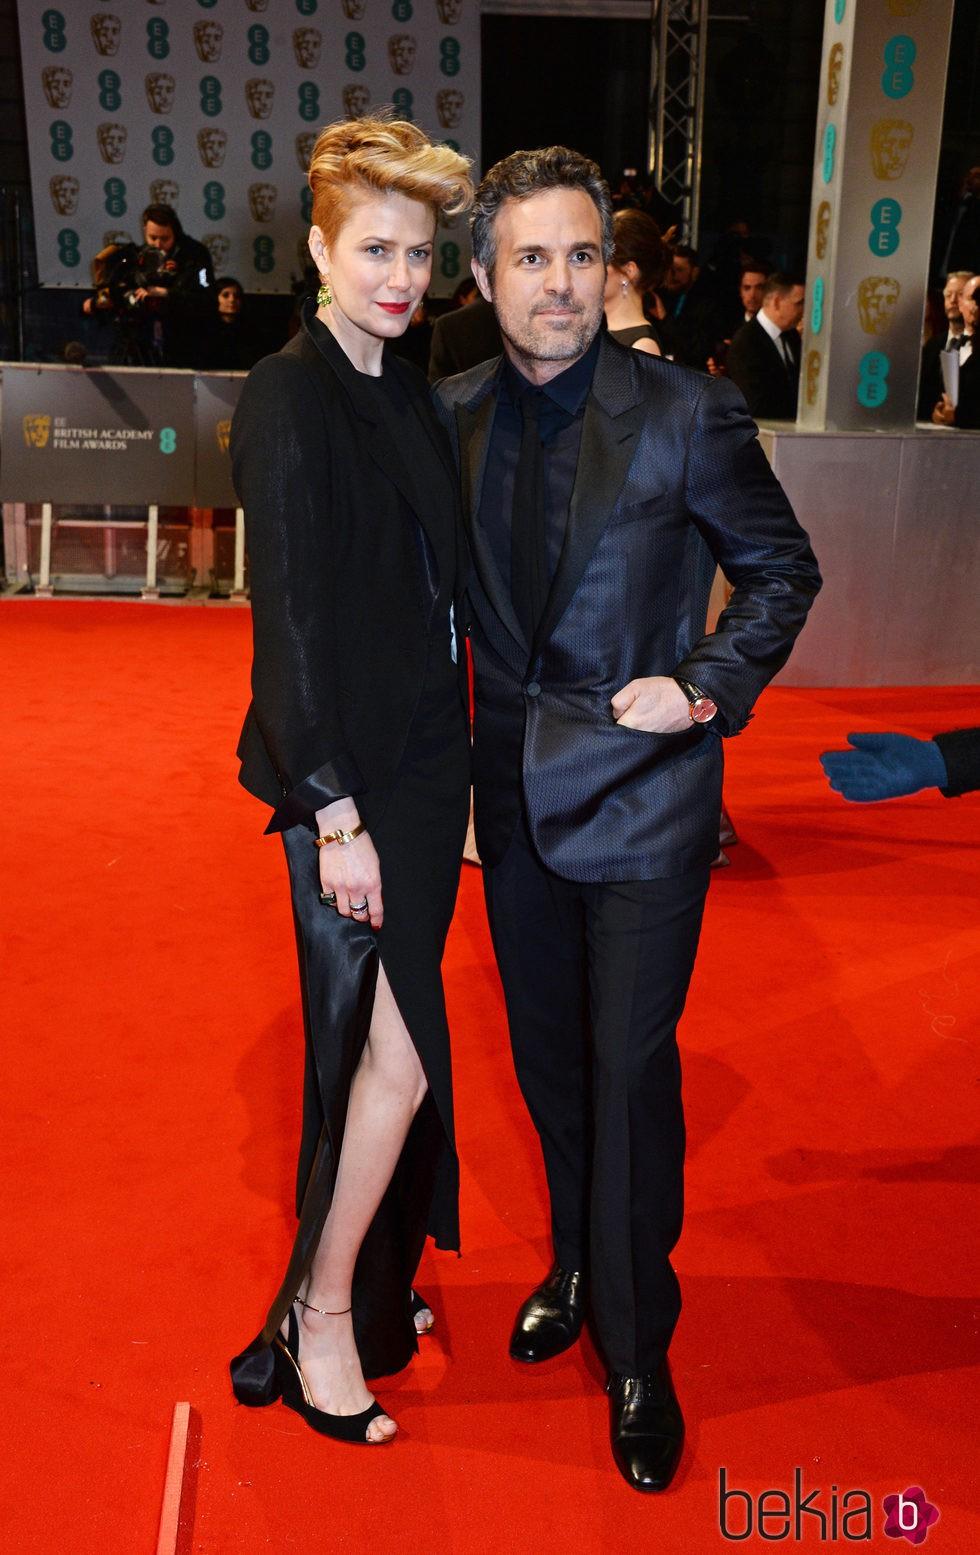 Mark Ruffalo y Sunrise Coigney en los Premios BAFTA 2015